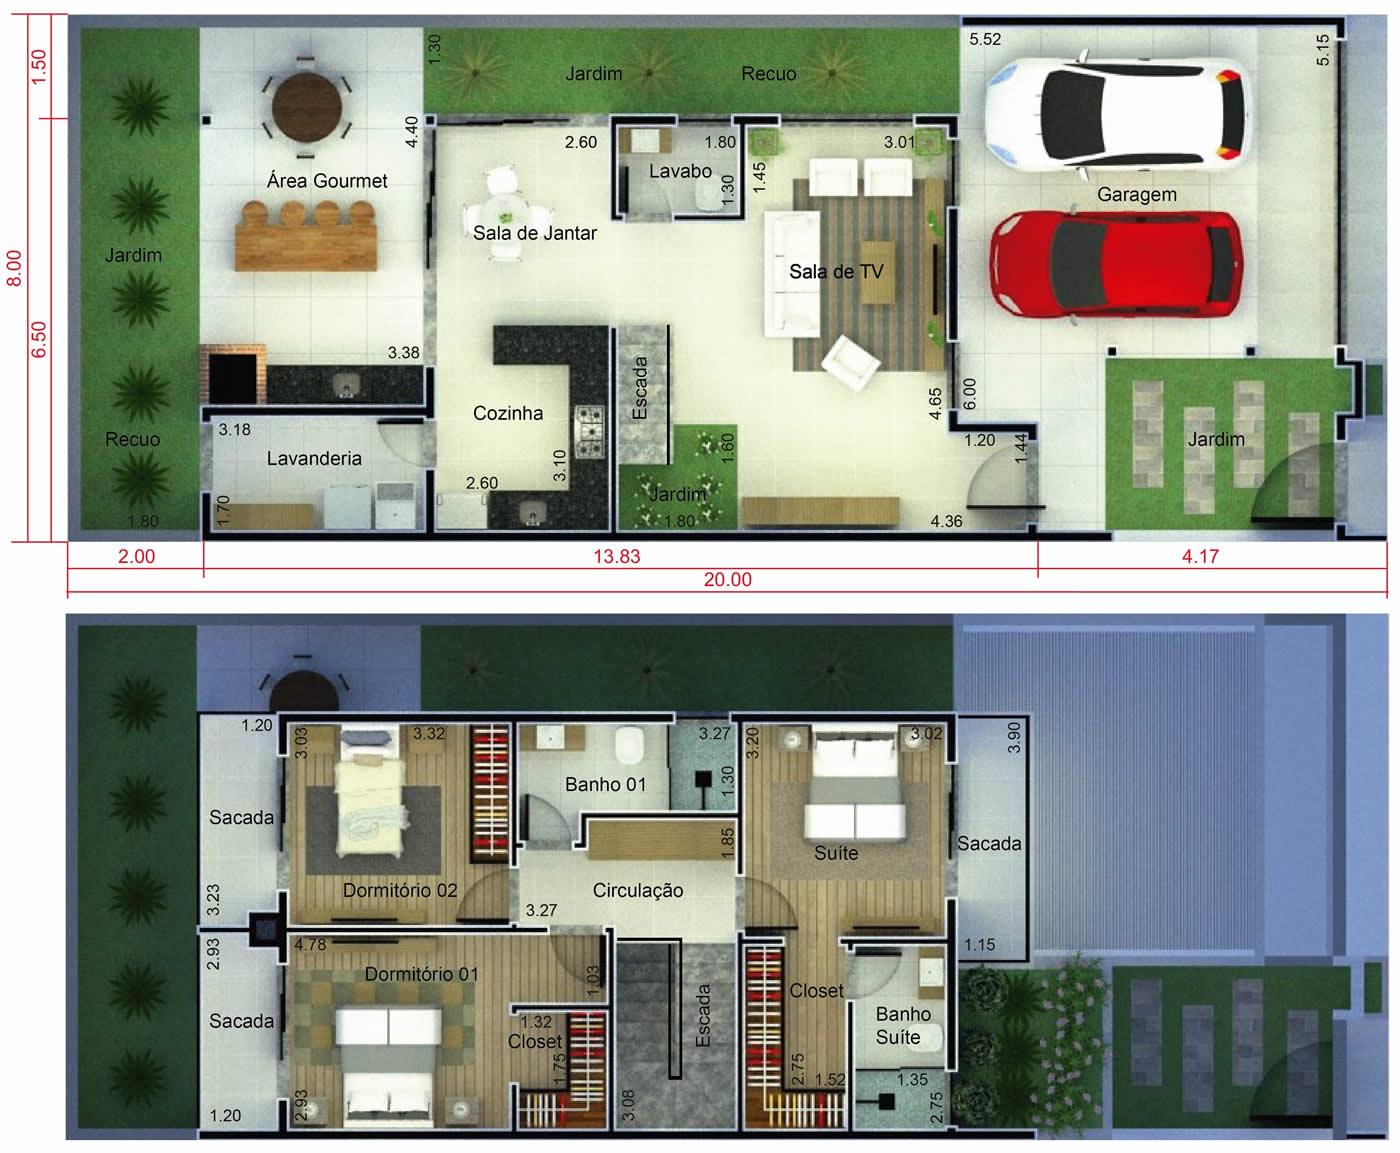 Planta de casa com 3 quartos com sacada. Planta para terreno 8x20